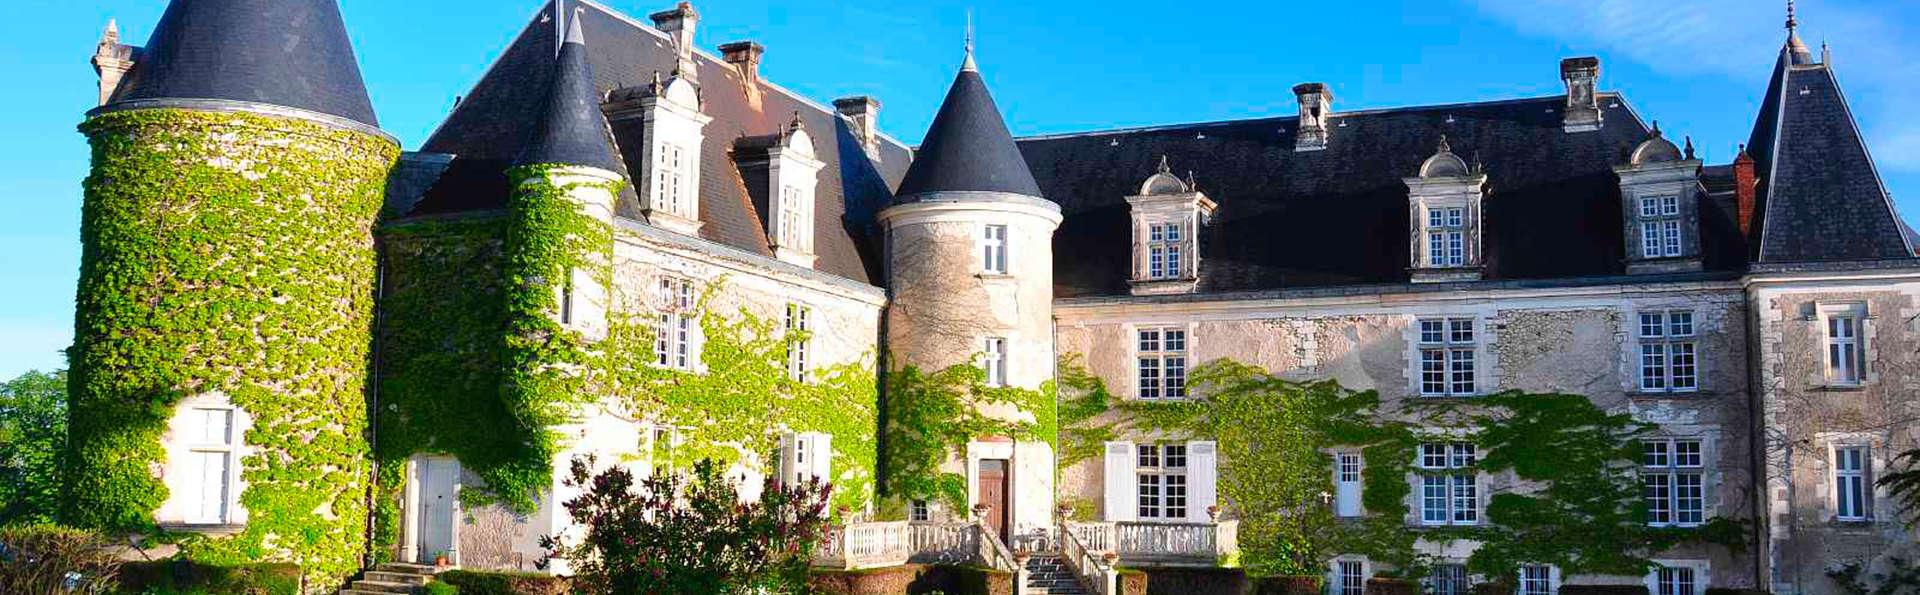 Château de La Côte - EDIT_front4.jpg